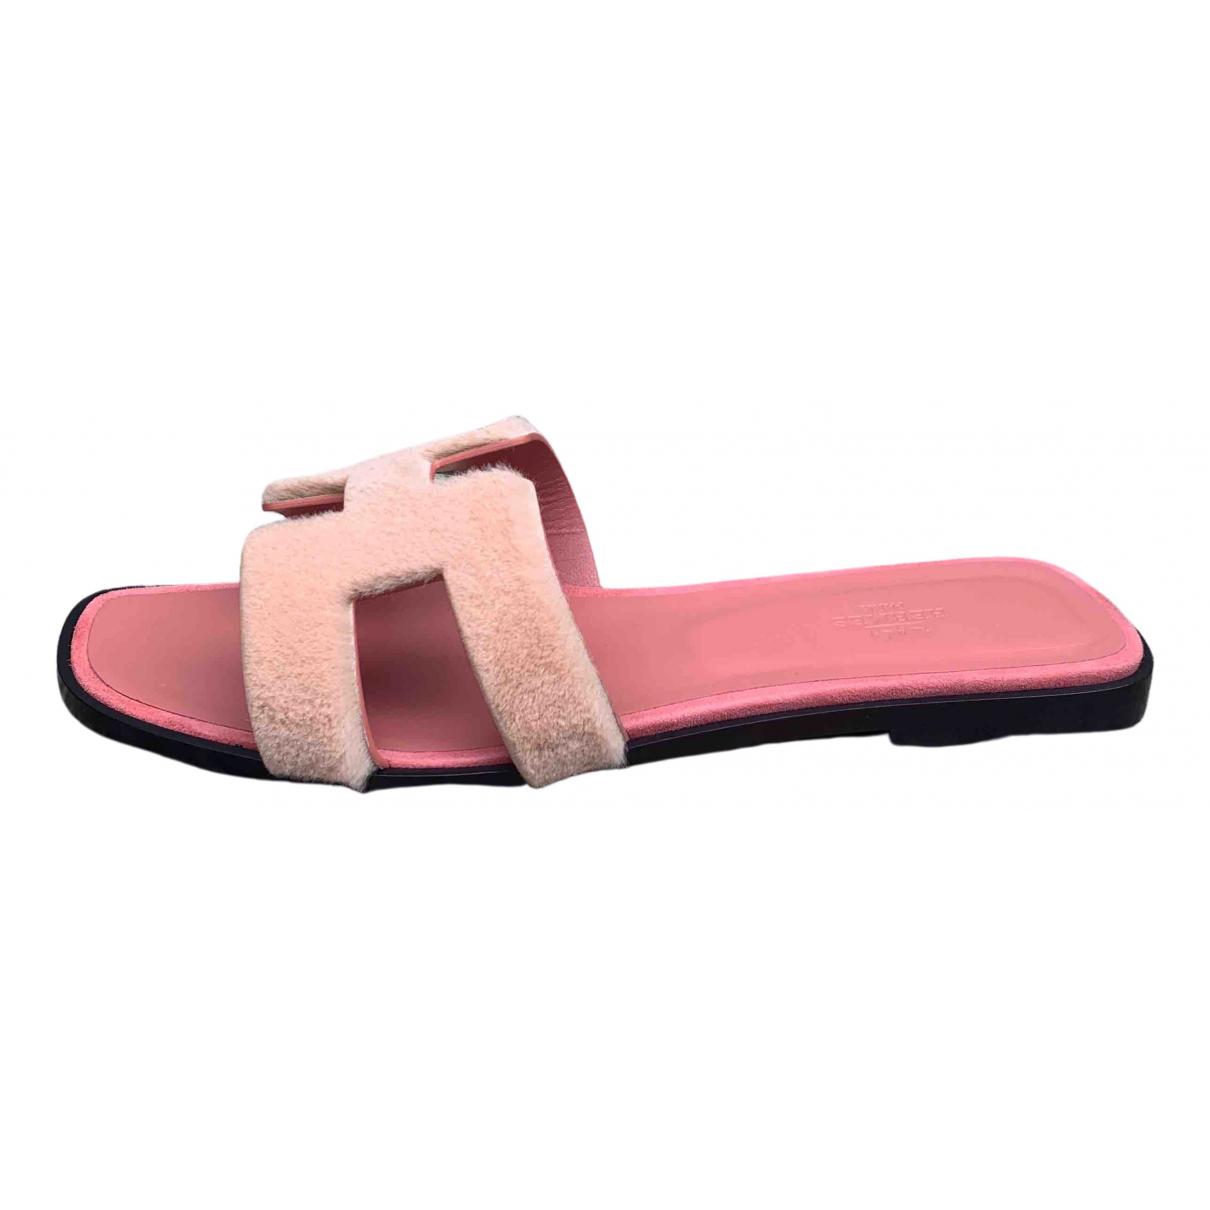 Hermes - Sandales Oran pour femme en vison - rose